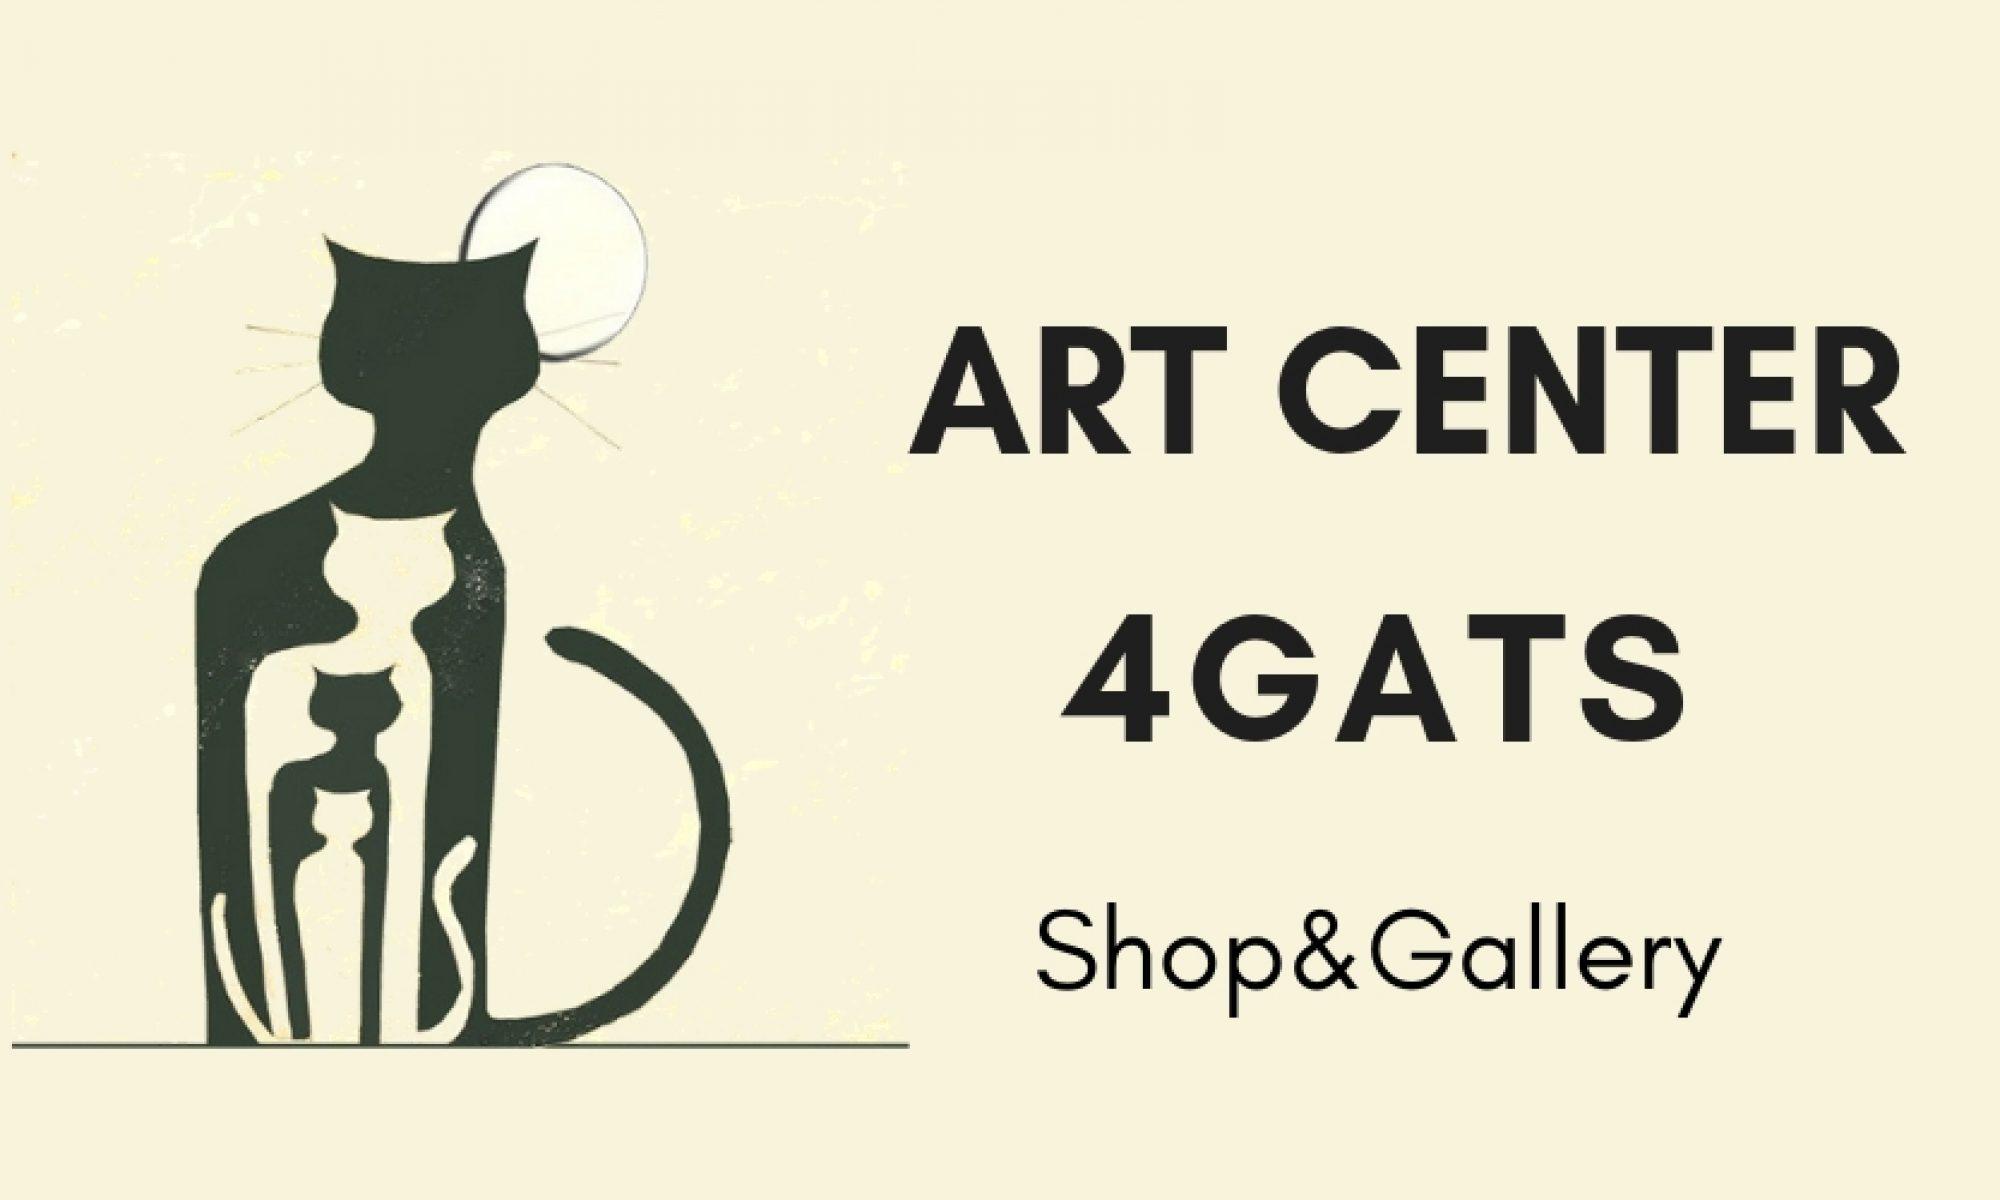 Art Center 4GATS